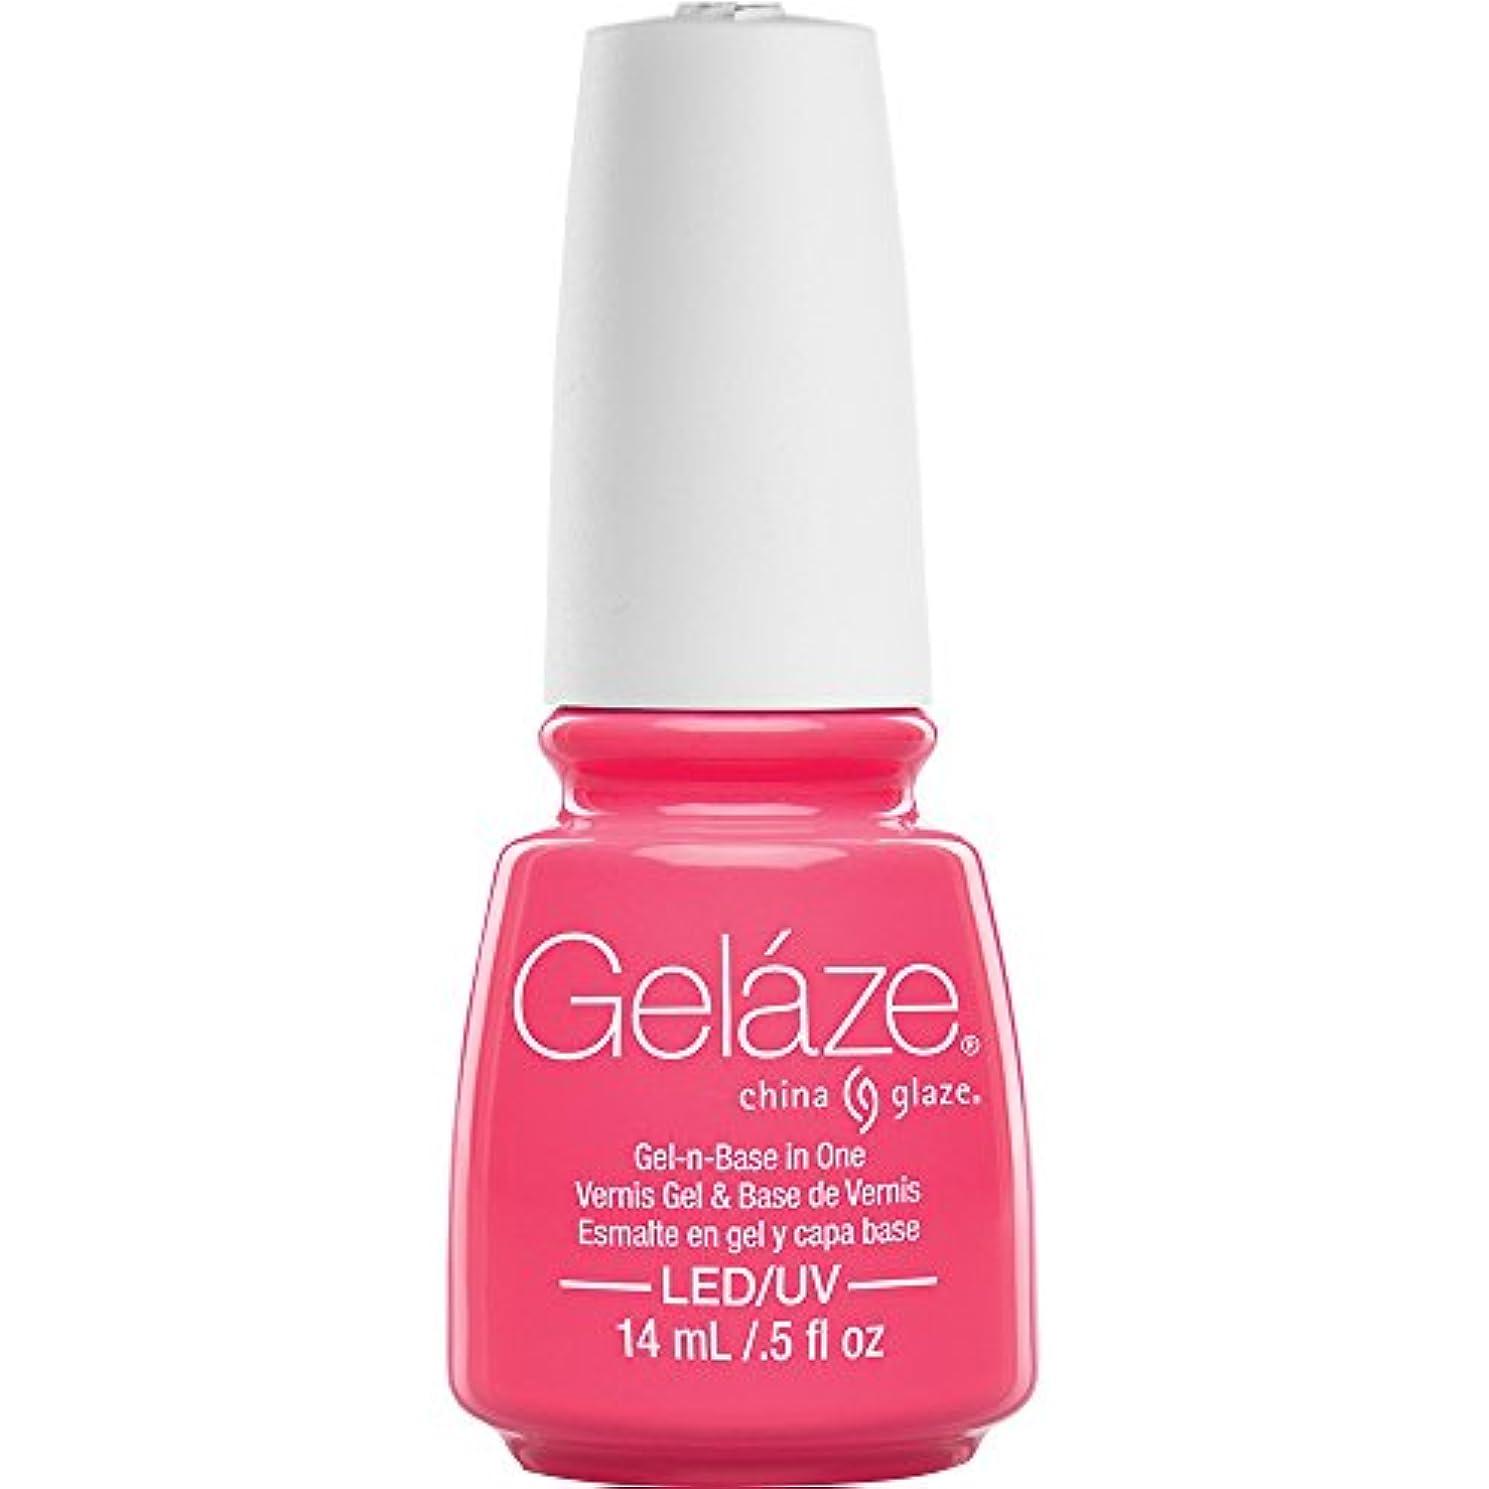 China Glaze Gelaze 81646 Shocking Pink